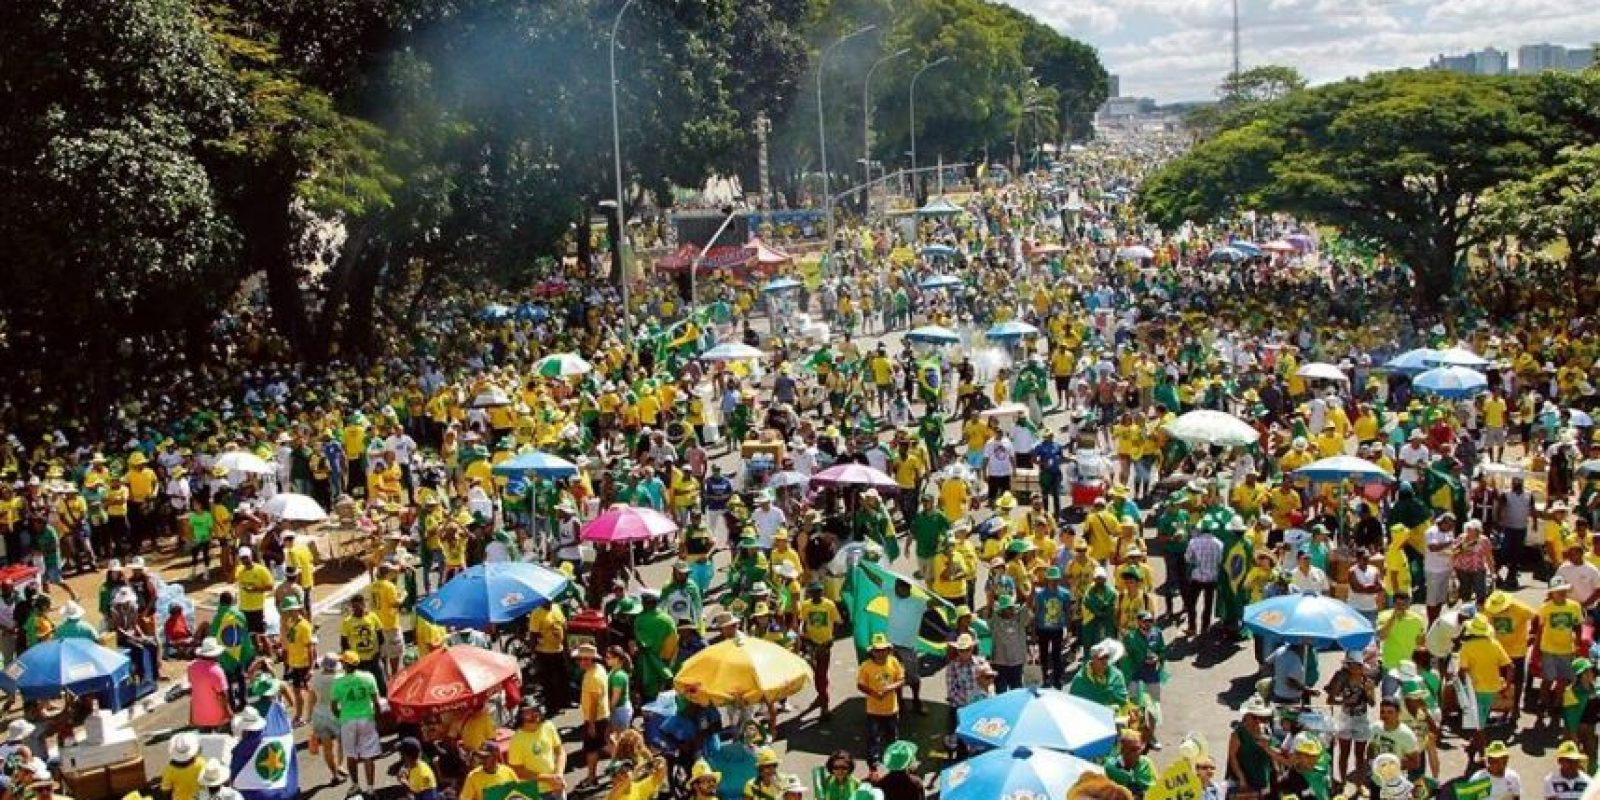 La gente vistió de verde y amarillo, para exigir el juicio político a la presidenta, y de rojo para respaldarla. Foto:Metro